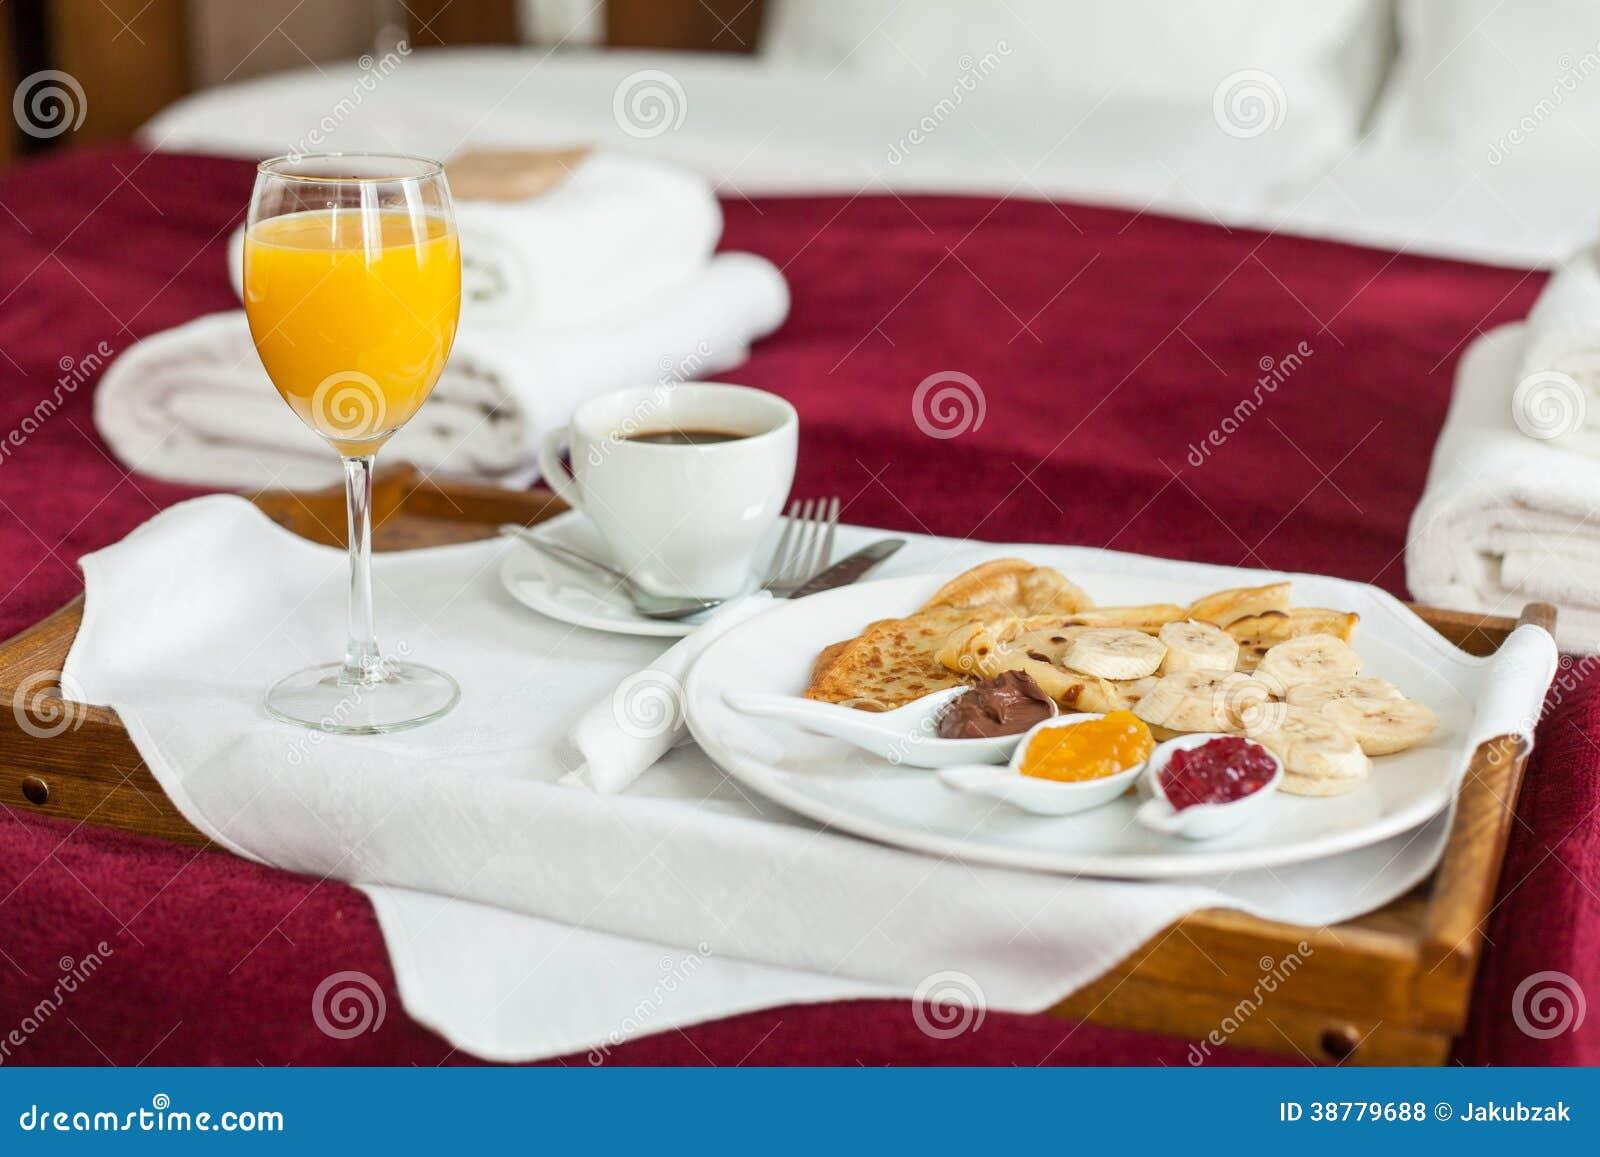 Foto del vassoio con l 39 alimento di prima colazione sul - Vassoio colazione letto ...